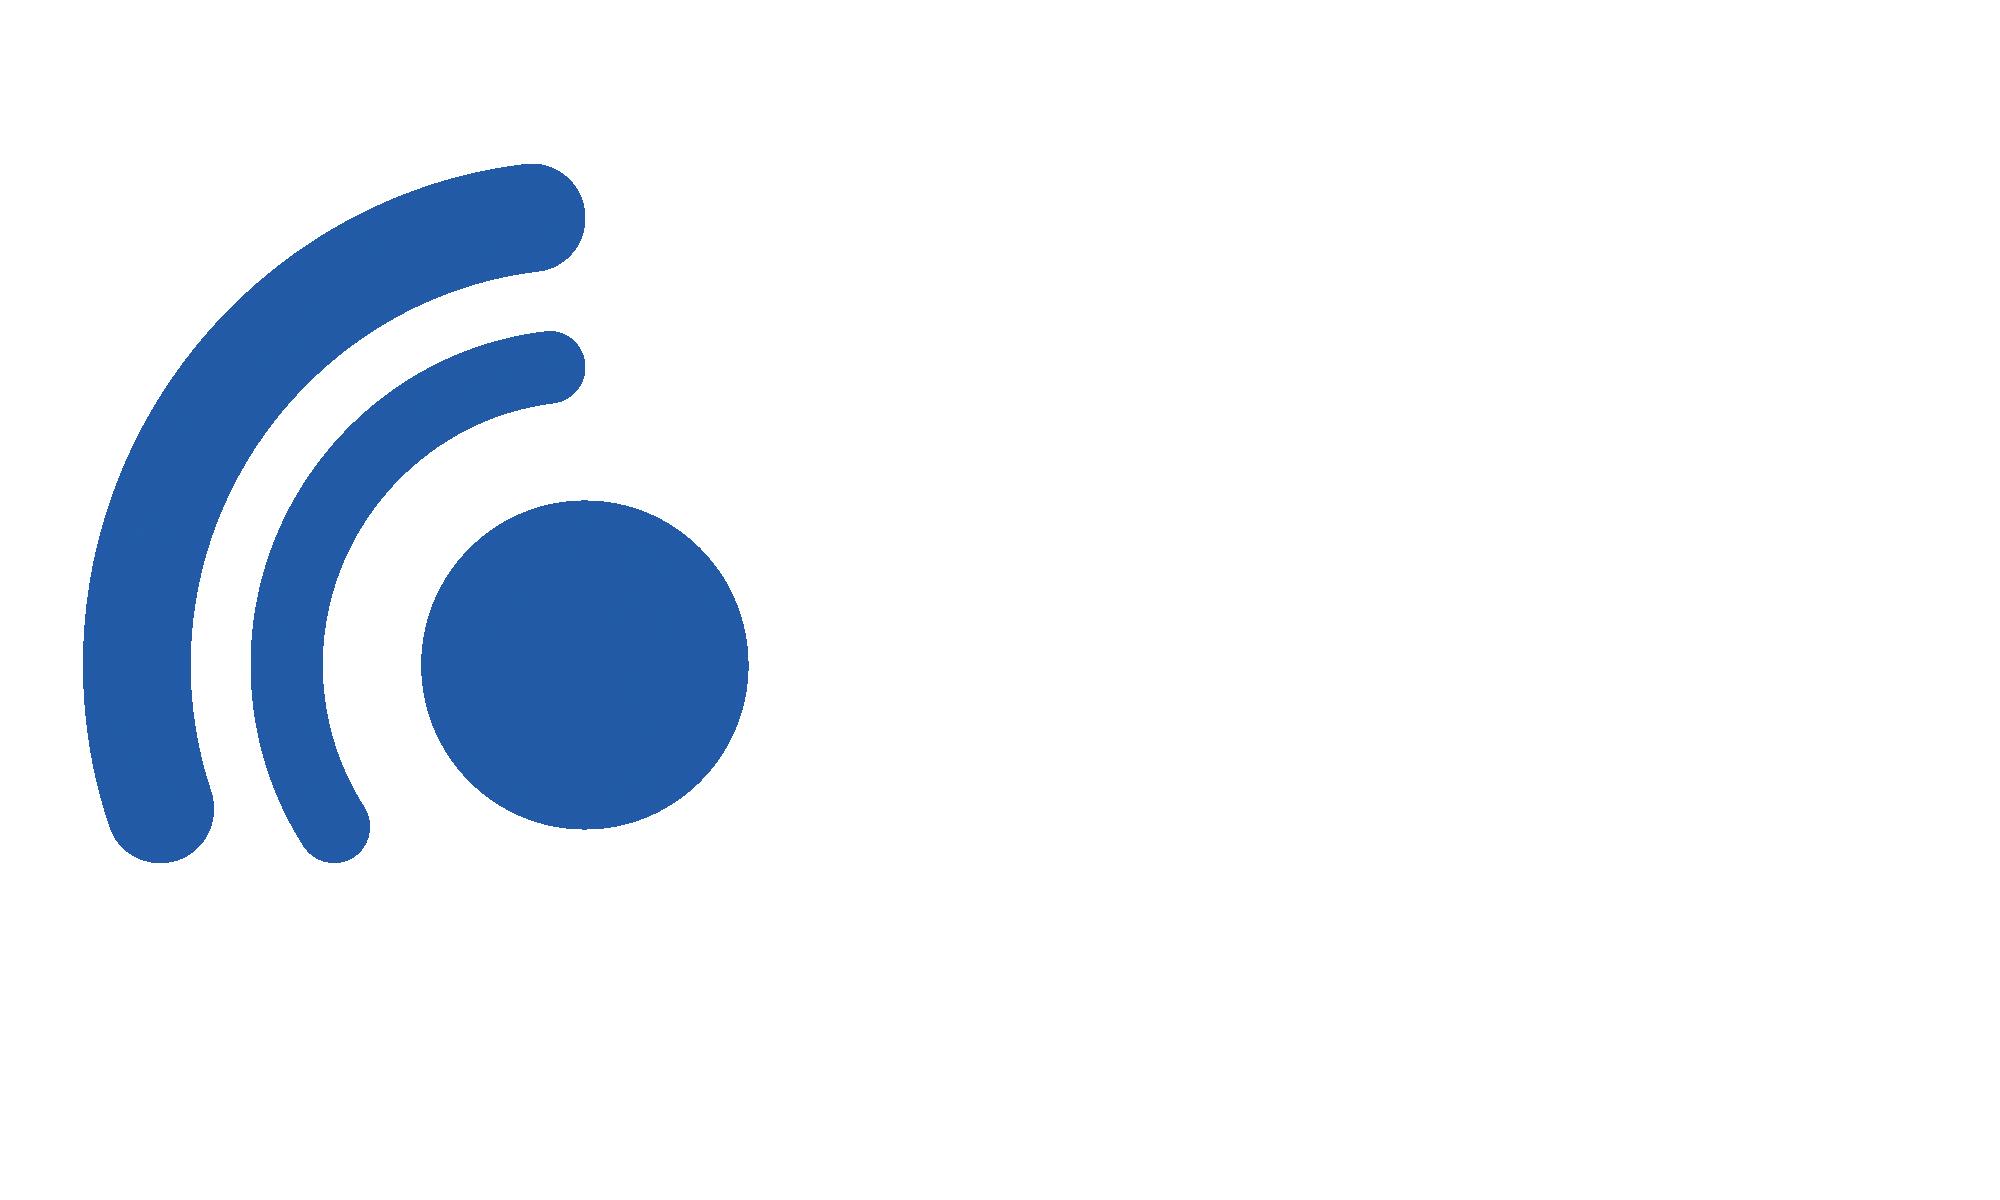 punktZug